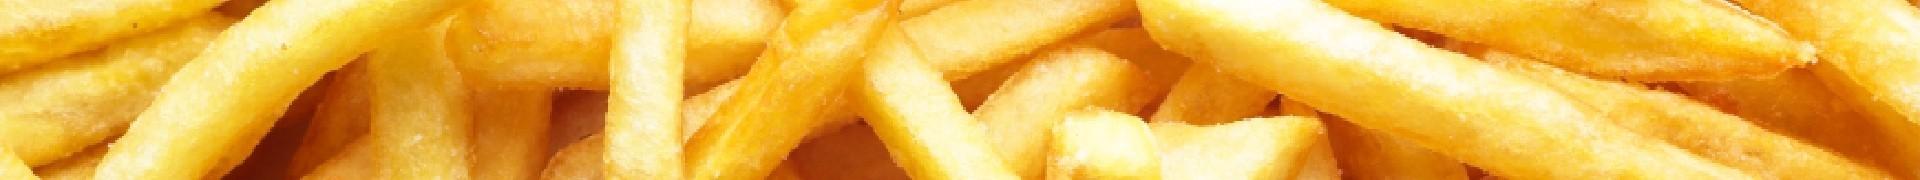 Cartofi pai preprăjiți